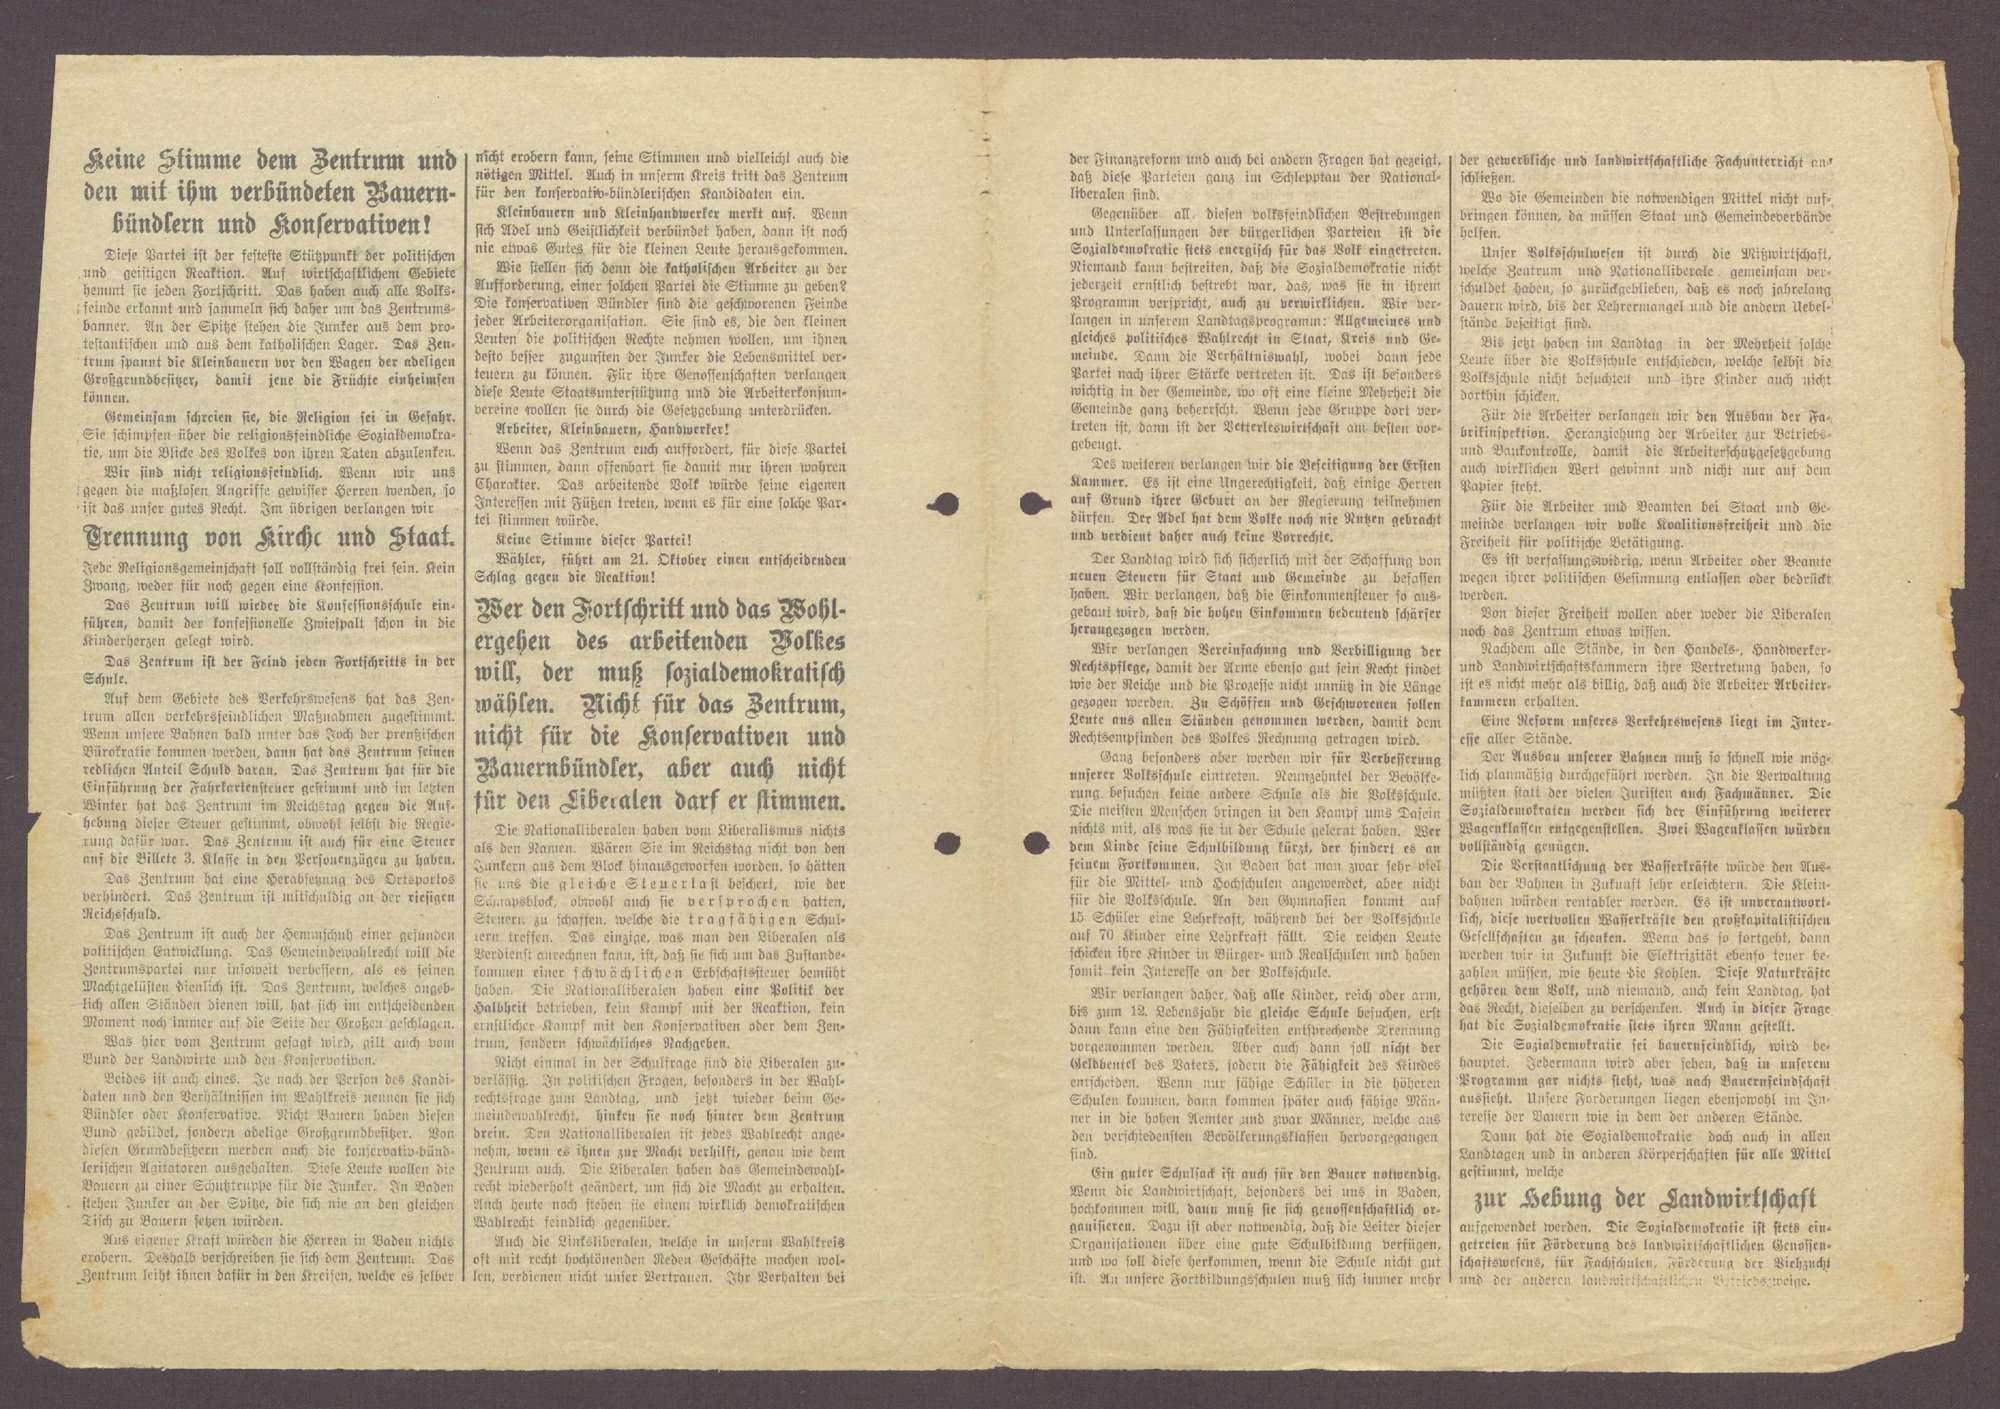 """Flugblatt: """"Landtagswähler! Nur noch wenige Tage...Wählt sozialdemokratisch..."""", Sozialdemokratische Partei, Dr. Ludwig Frank, Buchdruckerei Geck und Gie, Mannheim, Bild 2"""